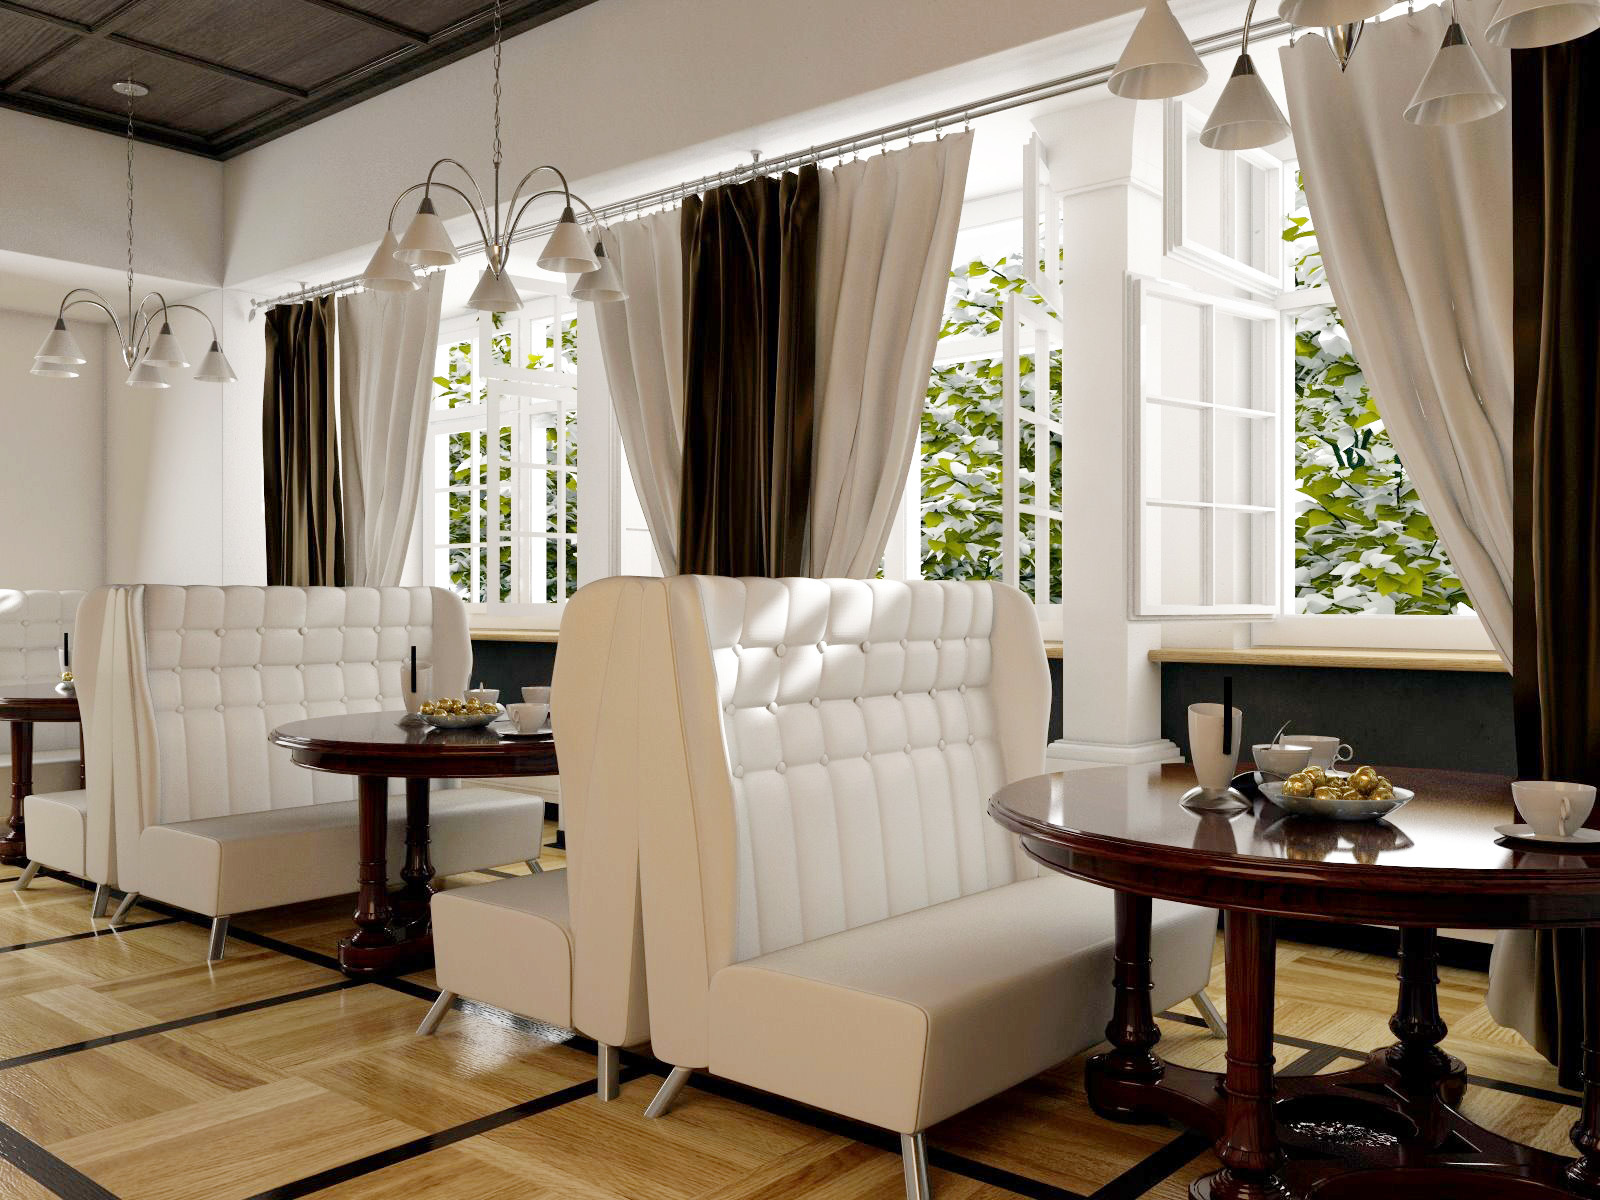 Диваны для обеденного зала подбирайте с обивкой из ткани, обработанной специальным раствором против пятен.